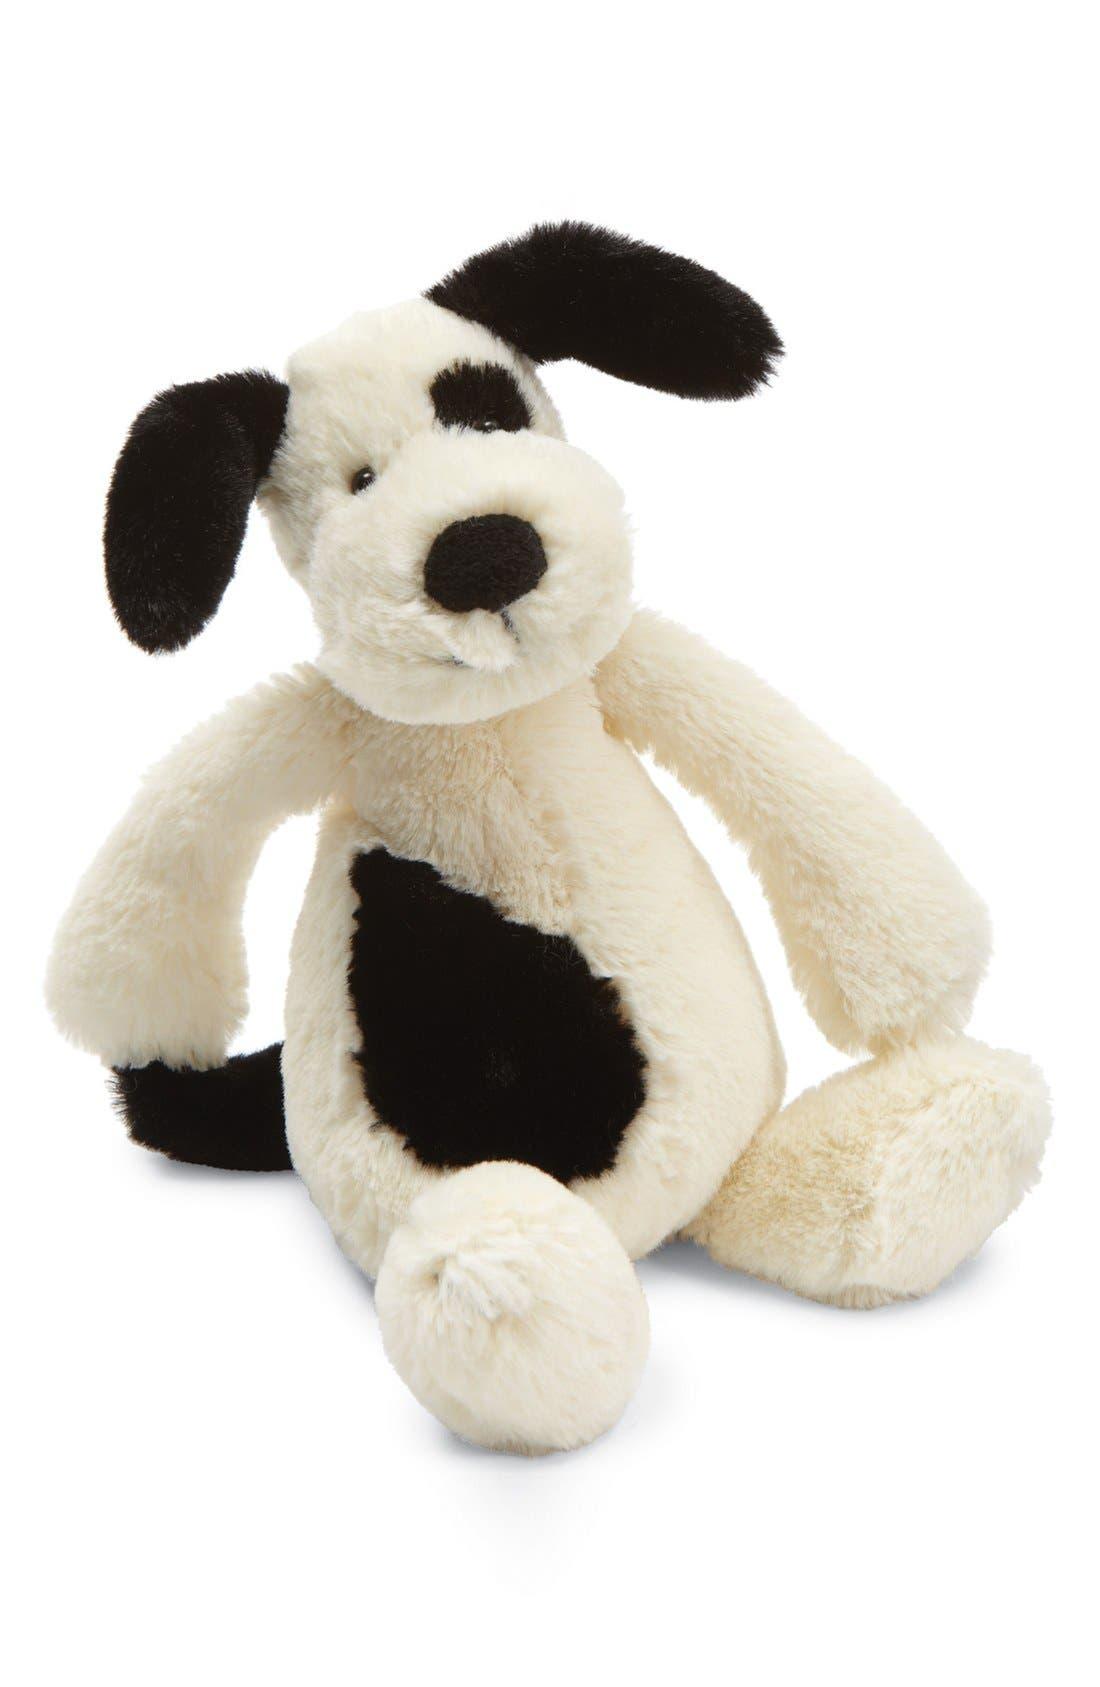 Main Image - Jellycat 'Small Bashful Puppy' Stuffed Animal